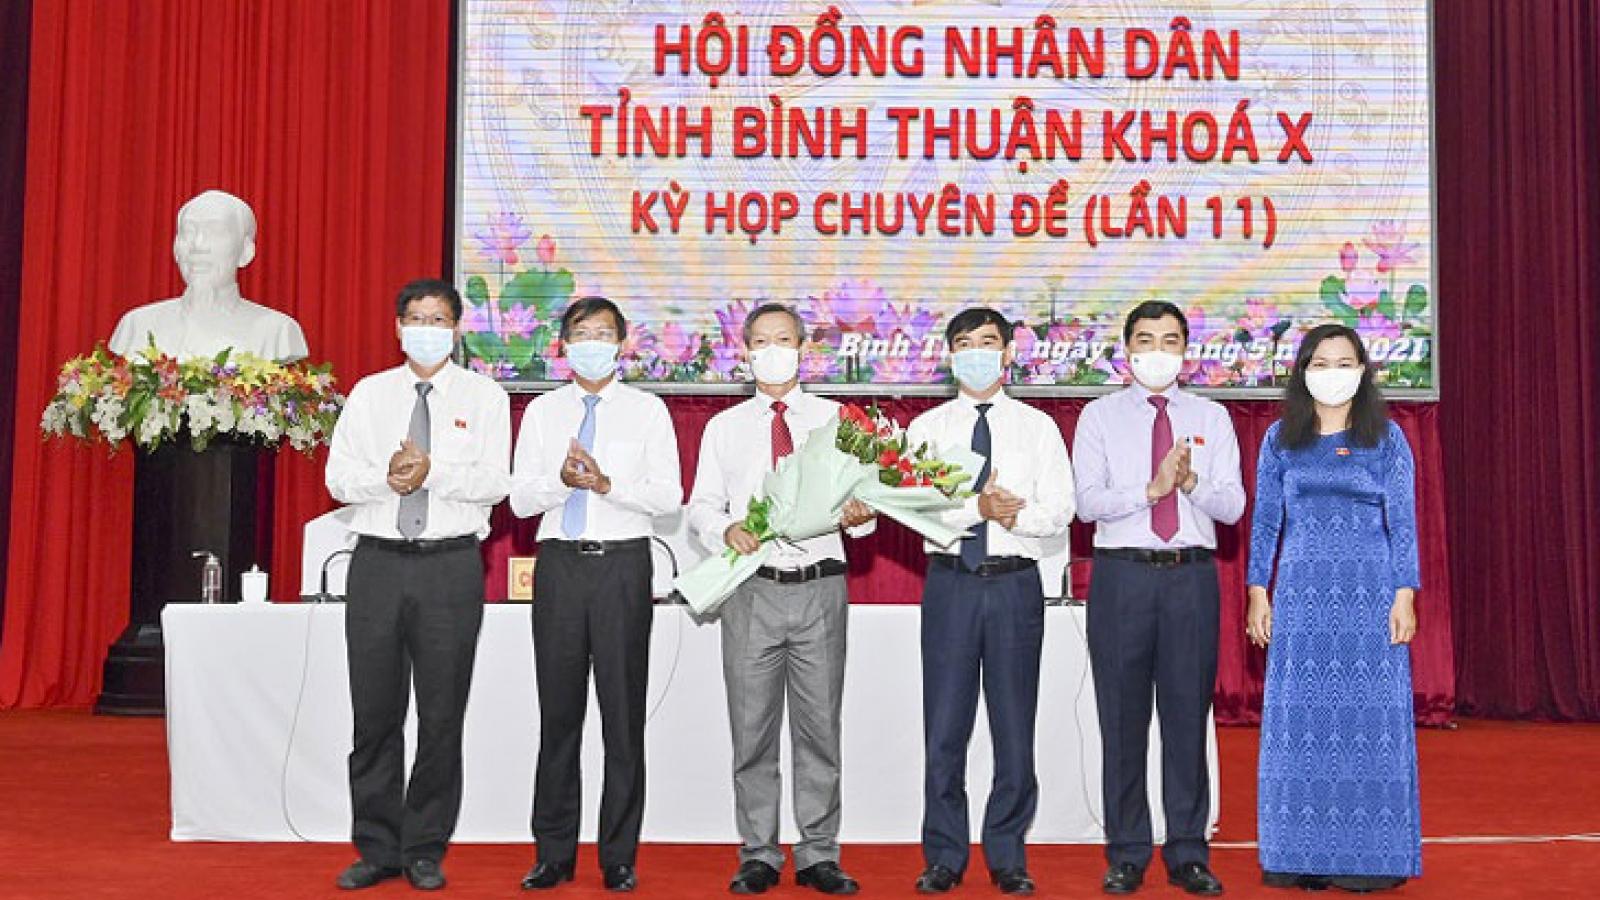 Ông Phan Văn Đăng giữ chức Phó Chủ tịch tỉnh Bình Thuận